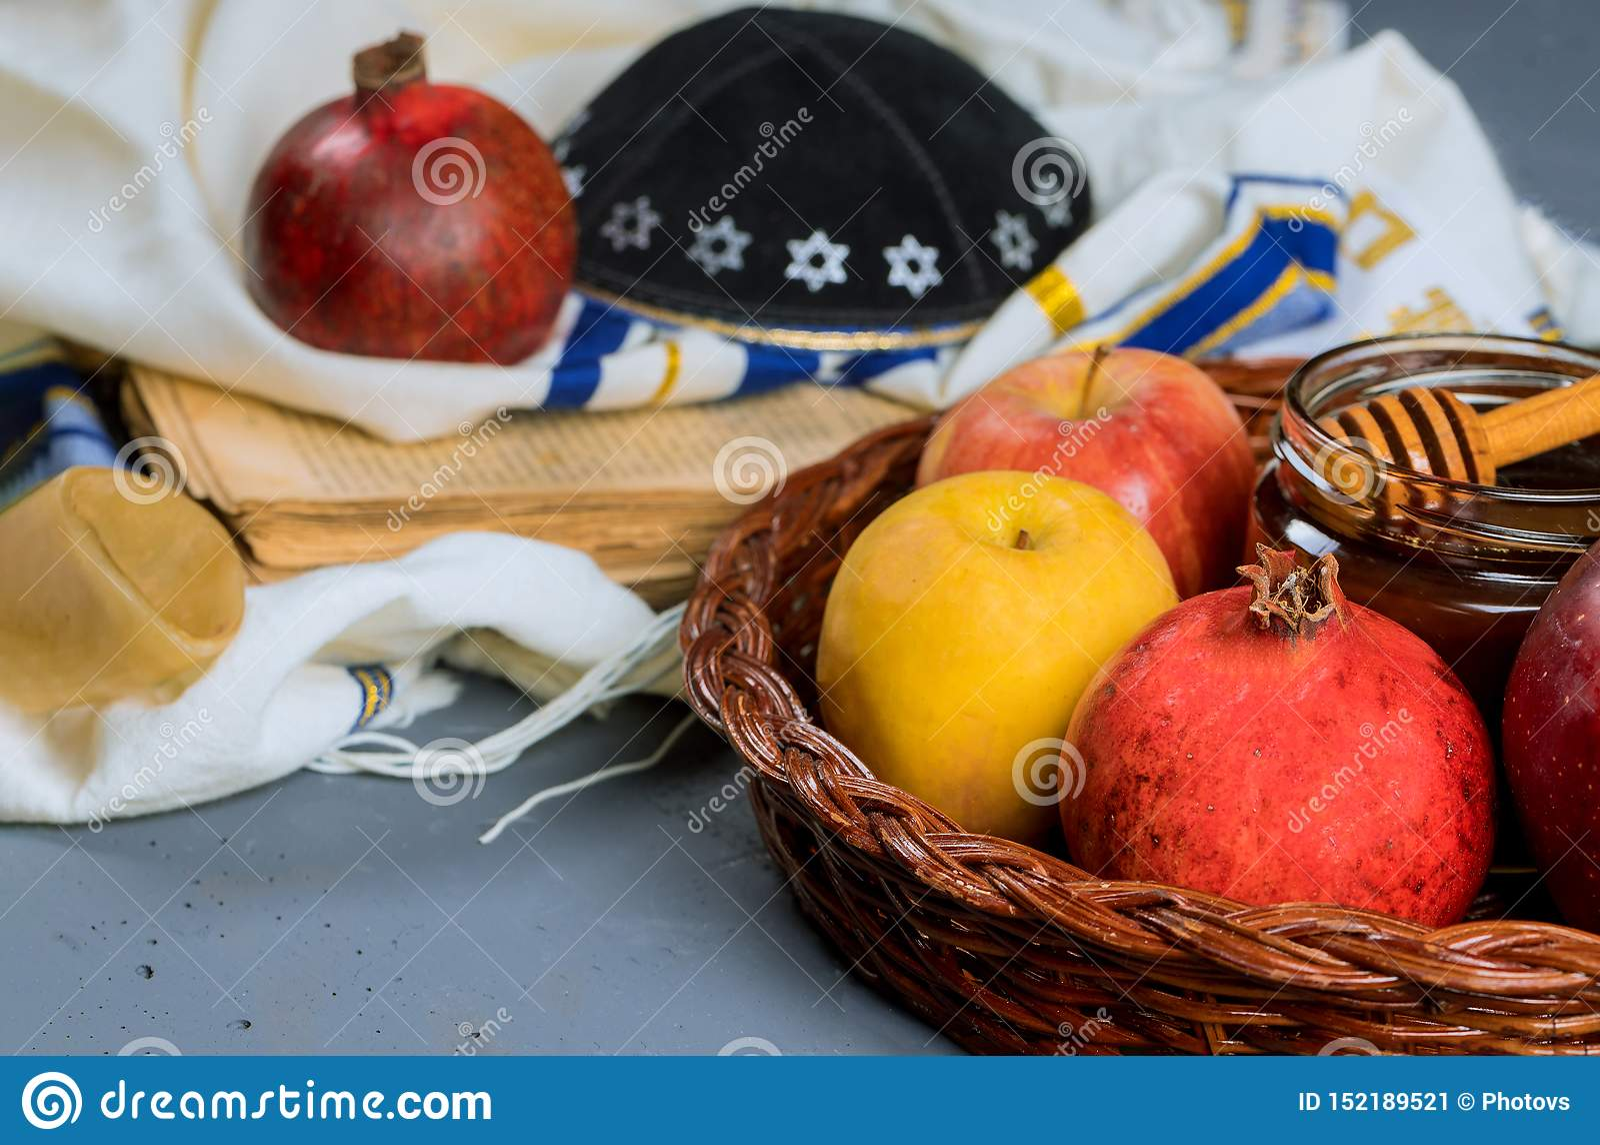 Rosh hashanah jewesh Feiertagskonzept - Shofar, torah Buch, Honig, Apfel und Granatapfel ?ber Holztisch ein kippah ein yamolka